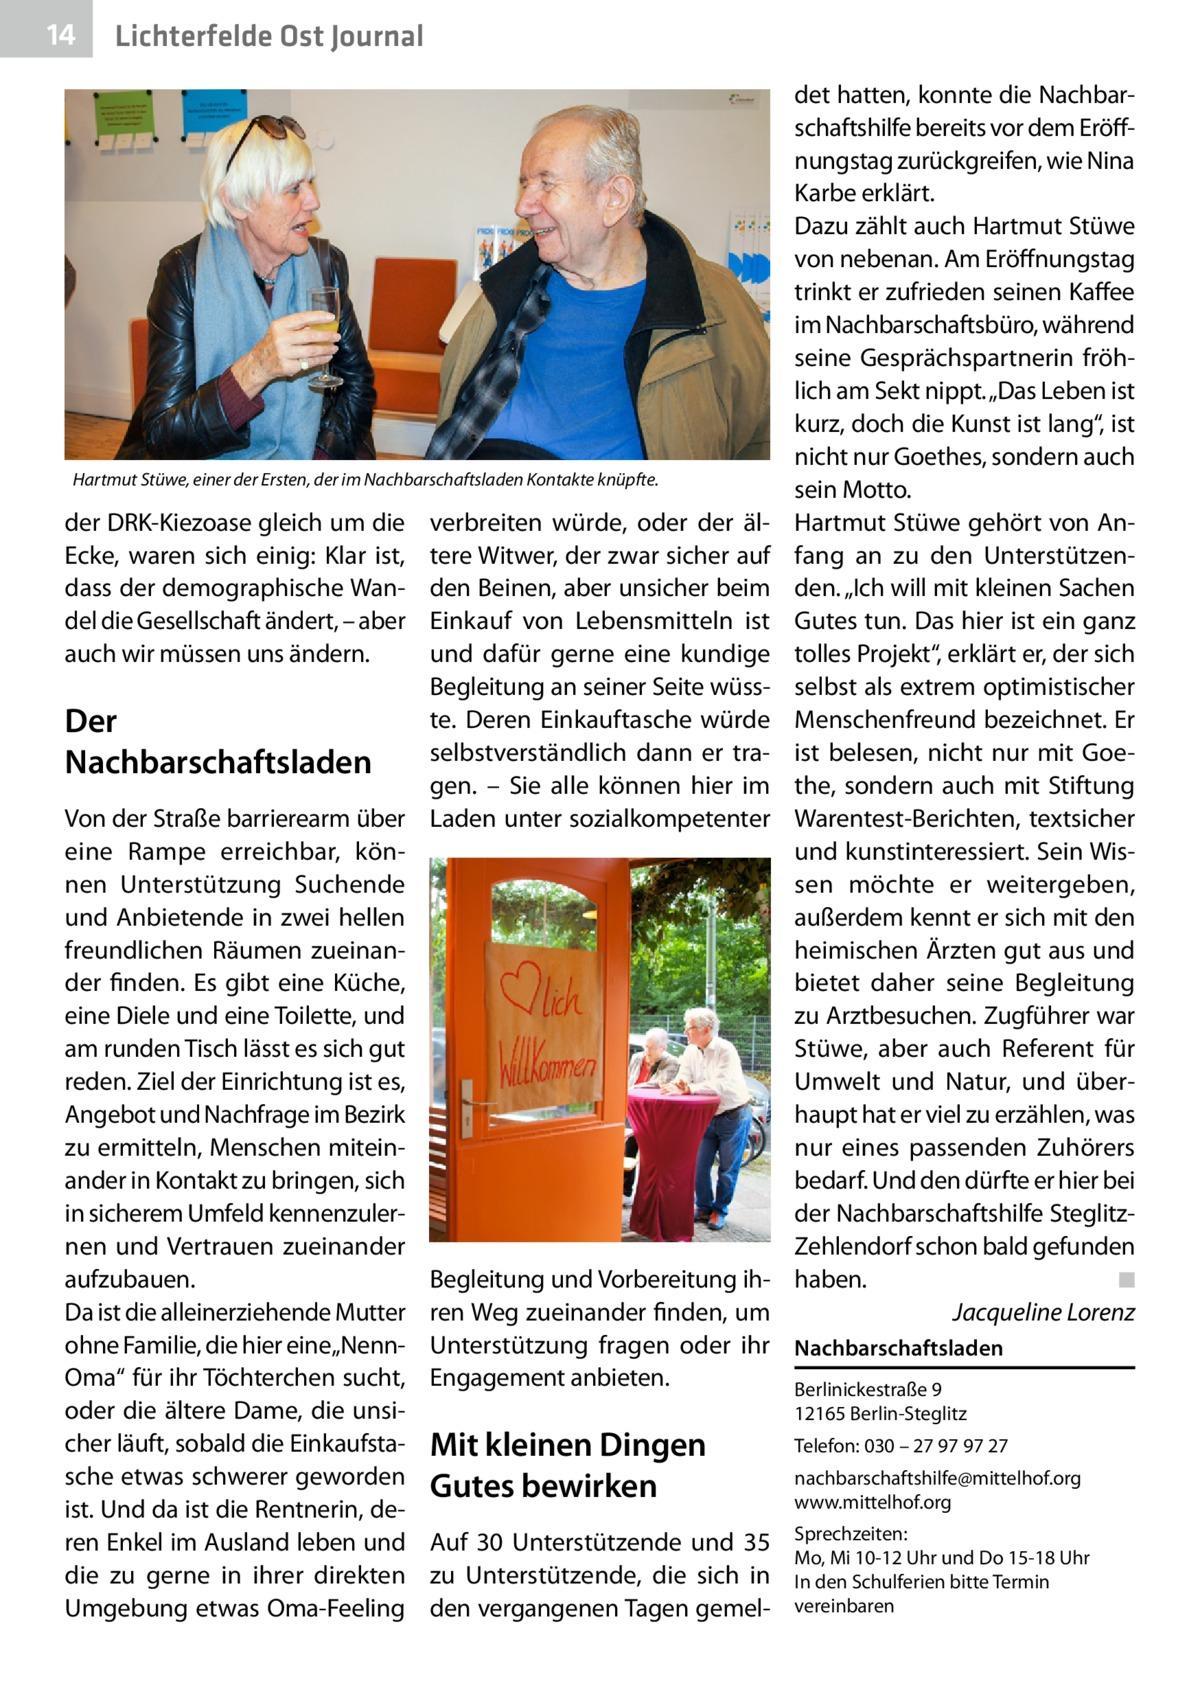 """14  Lichterfelde Ost Journal  Hartmut Stüwe, einer der Ersten, der im Nachbarschaftsladen Kontakte knüpfte.  det hatten, konnte die Nachbarschaftshilfe bereits vor dem Eröffnungstag zurückgreifen, wie Nina Karbe erklärt. Dazu zählt auch Hartmut Stüwe von nebenan. Am Eröffnungstag trinkt er zufrieden seinen Kaffee im Nachbarschaftsbüro, während seine Gesprächspartnerin fröhlich am Sekt nippt. """"Das Leben ist kurz, doch die Kunst ist lang"""", ist nicht nur Goethes, sondern auch sein Motto. Hartmut Stüwe gehört von Anfang an zu den Unterstützenden. """"Ich will mit kleinen Sachen Gutes tun. Das hier ist ein ganz tolles Projekt"""", erklärt er, der sich selbst als extrem optimistischer Menschenfreund bezeichnet. Er ist belesen, nicht nur mit Goethe, sondern auch mit Stiftung Warentest-Berichten, textsicher und kunstinteressiert. Sein Wissen möchte er weitergeben, außerdem kennt er sich mit den heimischen Ärzten gut aus und bietet daher seine Begleitung zu Arztbesuchen. Zugführer war Stüwe, aber auch Referent für Umwelt und Natur, und überhaupt hat er viel zu erzählen, was nur eines passenden Zuhörers bedarf. Und den dürfte er hier bei der Nachbarschaftshilfe SteglitzZehlendorf schon bald gefunden haben. � ◾ � Jacqueline Lorenz  verbreiten würde, oder der ältere Witwer, der zwar sicher auf den Beinen, aber unsicher beim Einkauf von Lebensmitteln ist und dafür gerne eine kundige Begleitung an seiner Seite wüsste. Deren Einkauftasche würde Der selbstverständlich dann er traNachbarschaftsladen gen. – Sie alle können hier im Von der Straße barrierearm über Laden unter sozialkompetenter eine Rampe erreichbar, können Unterstützung Suchende und Anbietende in zwei hellen freundlichen Räumen zueinander finden. Es gibt eine Küche, eine Diele und eine Toilette, und am runden Tisch lässt es sich gut reden. Ziel der Einrichtung ist es, Angebot und Nachfrage im Bezirk zu ermitteln, Menschen miteinander in Kontakt zu bringen, sich in sicherem Umfeld kennenzulernen und Vertrauen zueinander aufzu"""